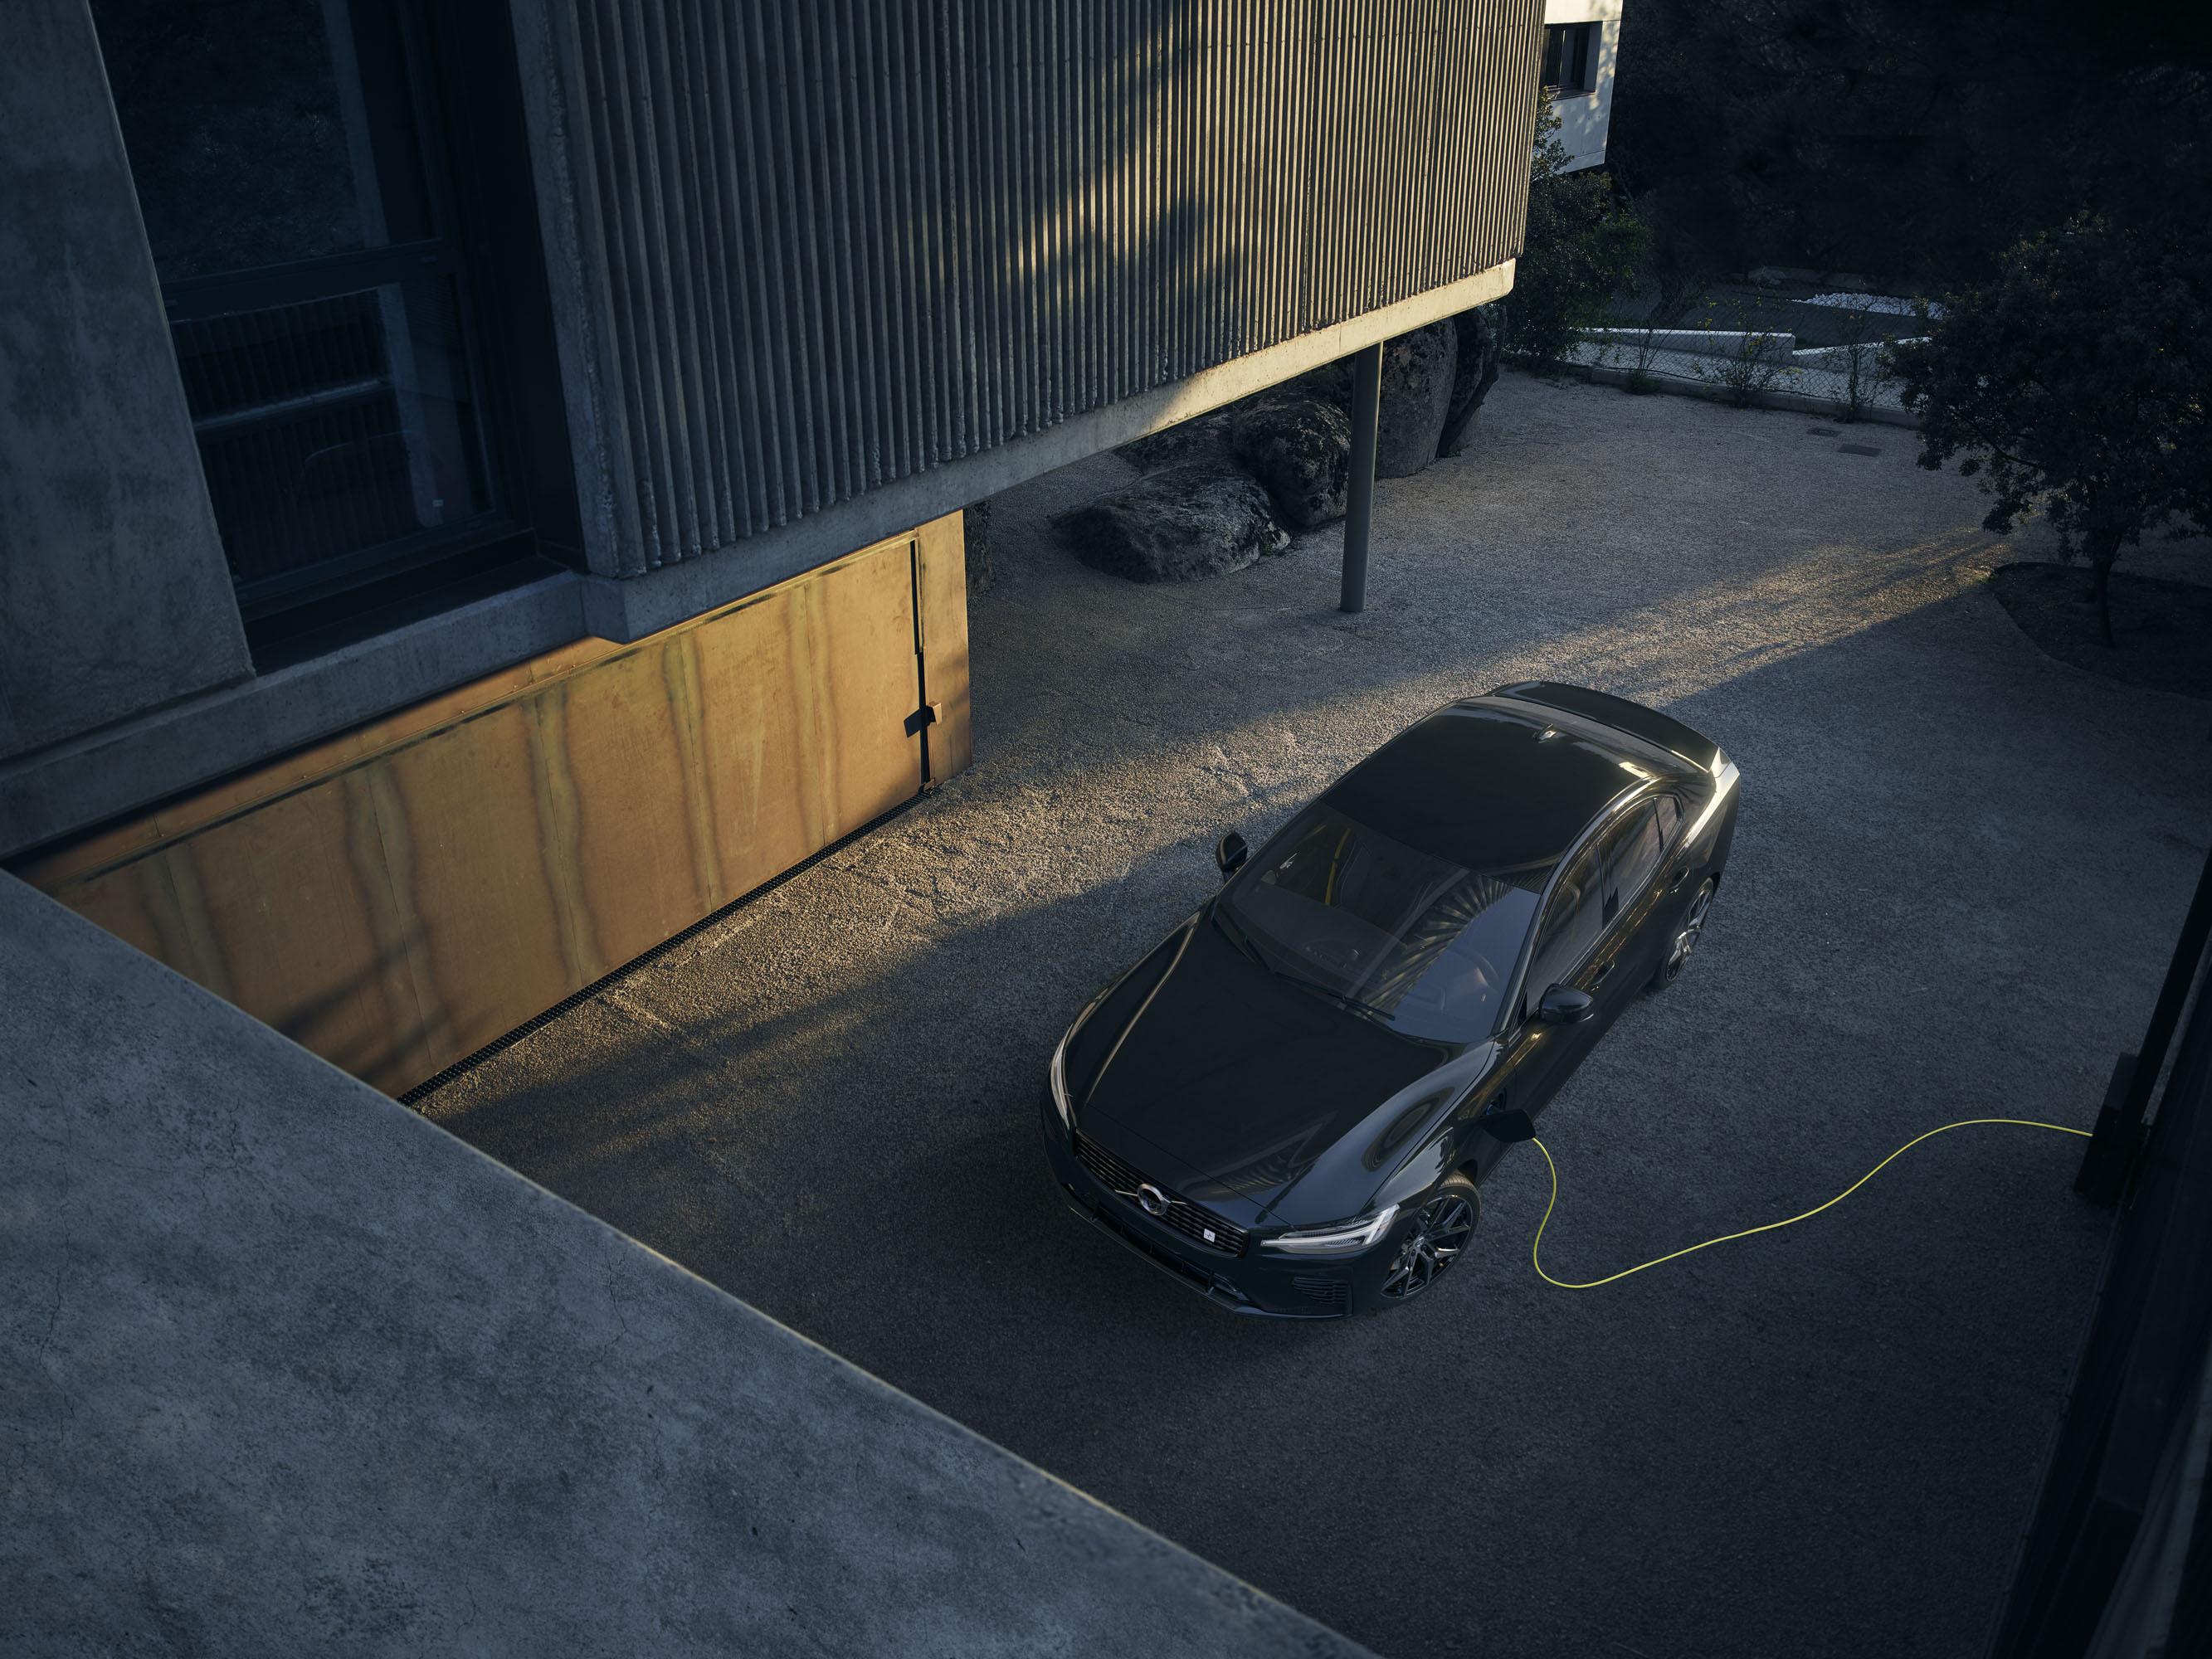 2019 Volvo S60 Polestar in black EV charging